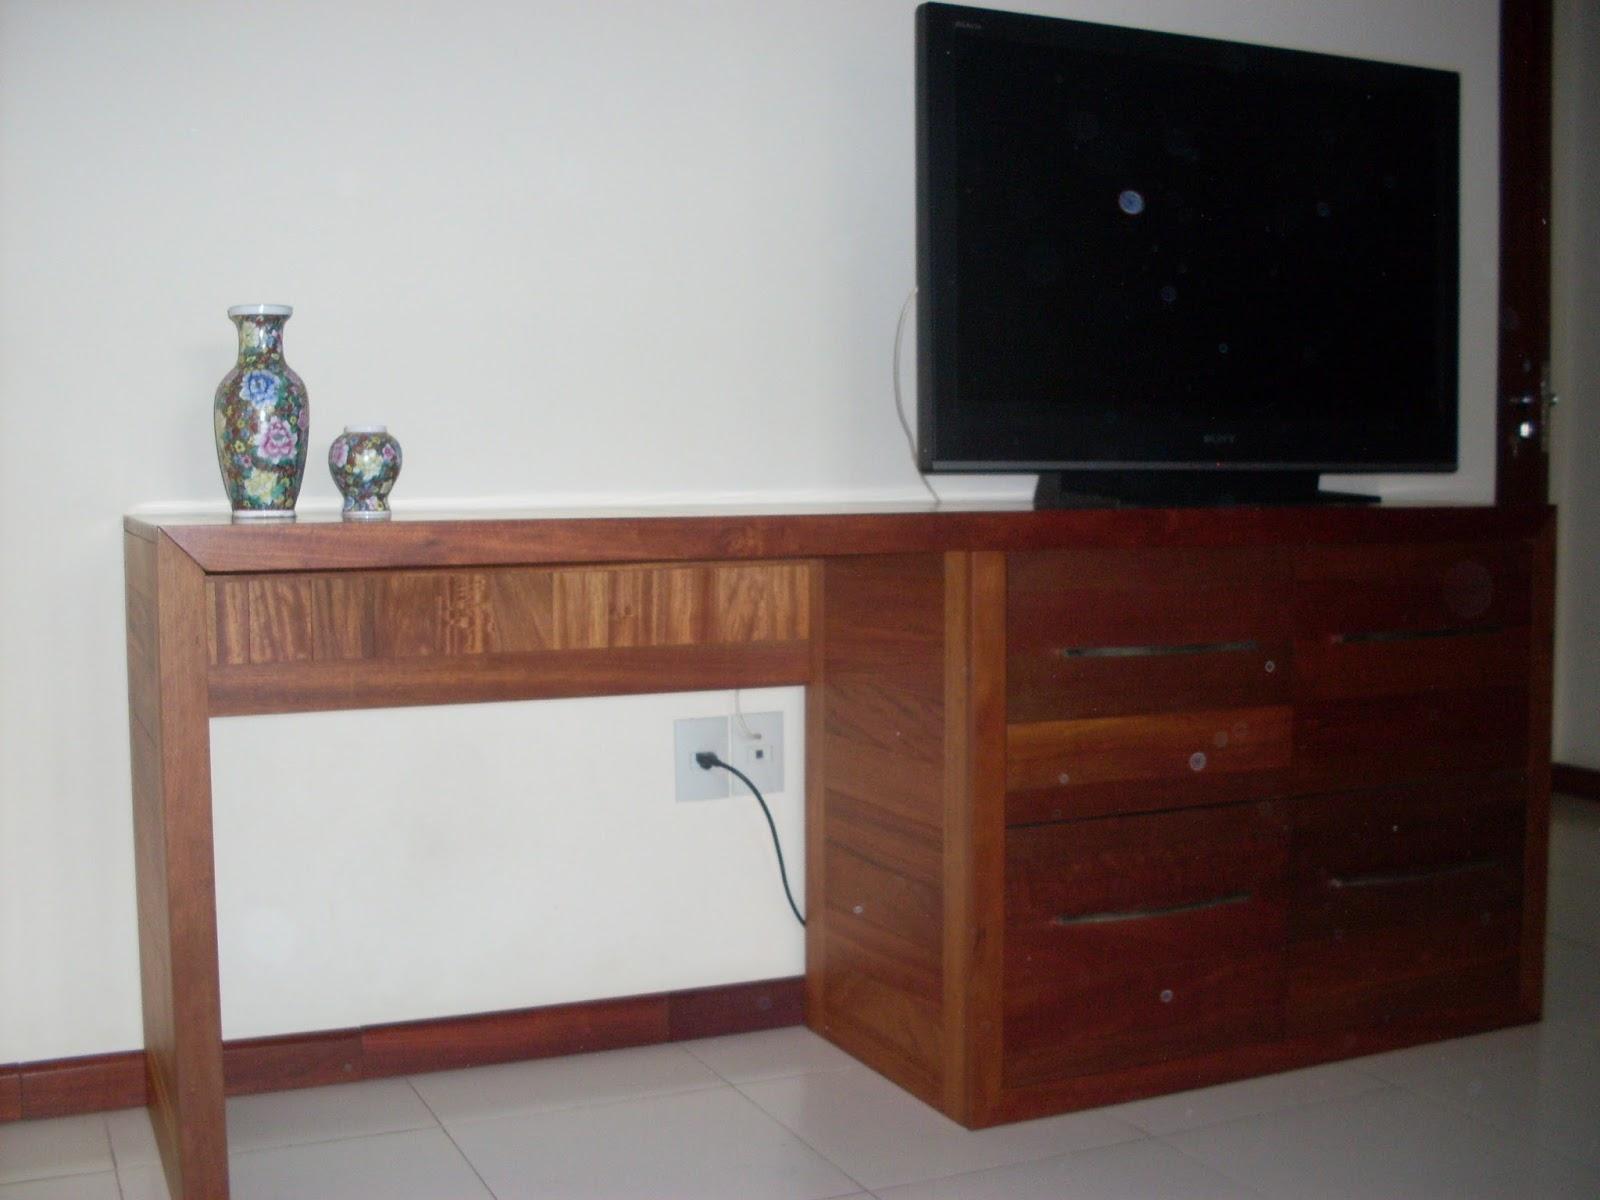 Móveis planejados em madeira e MDF: Quarto casal planejado #6A3D2F 1600x1200